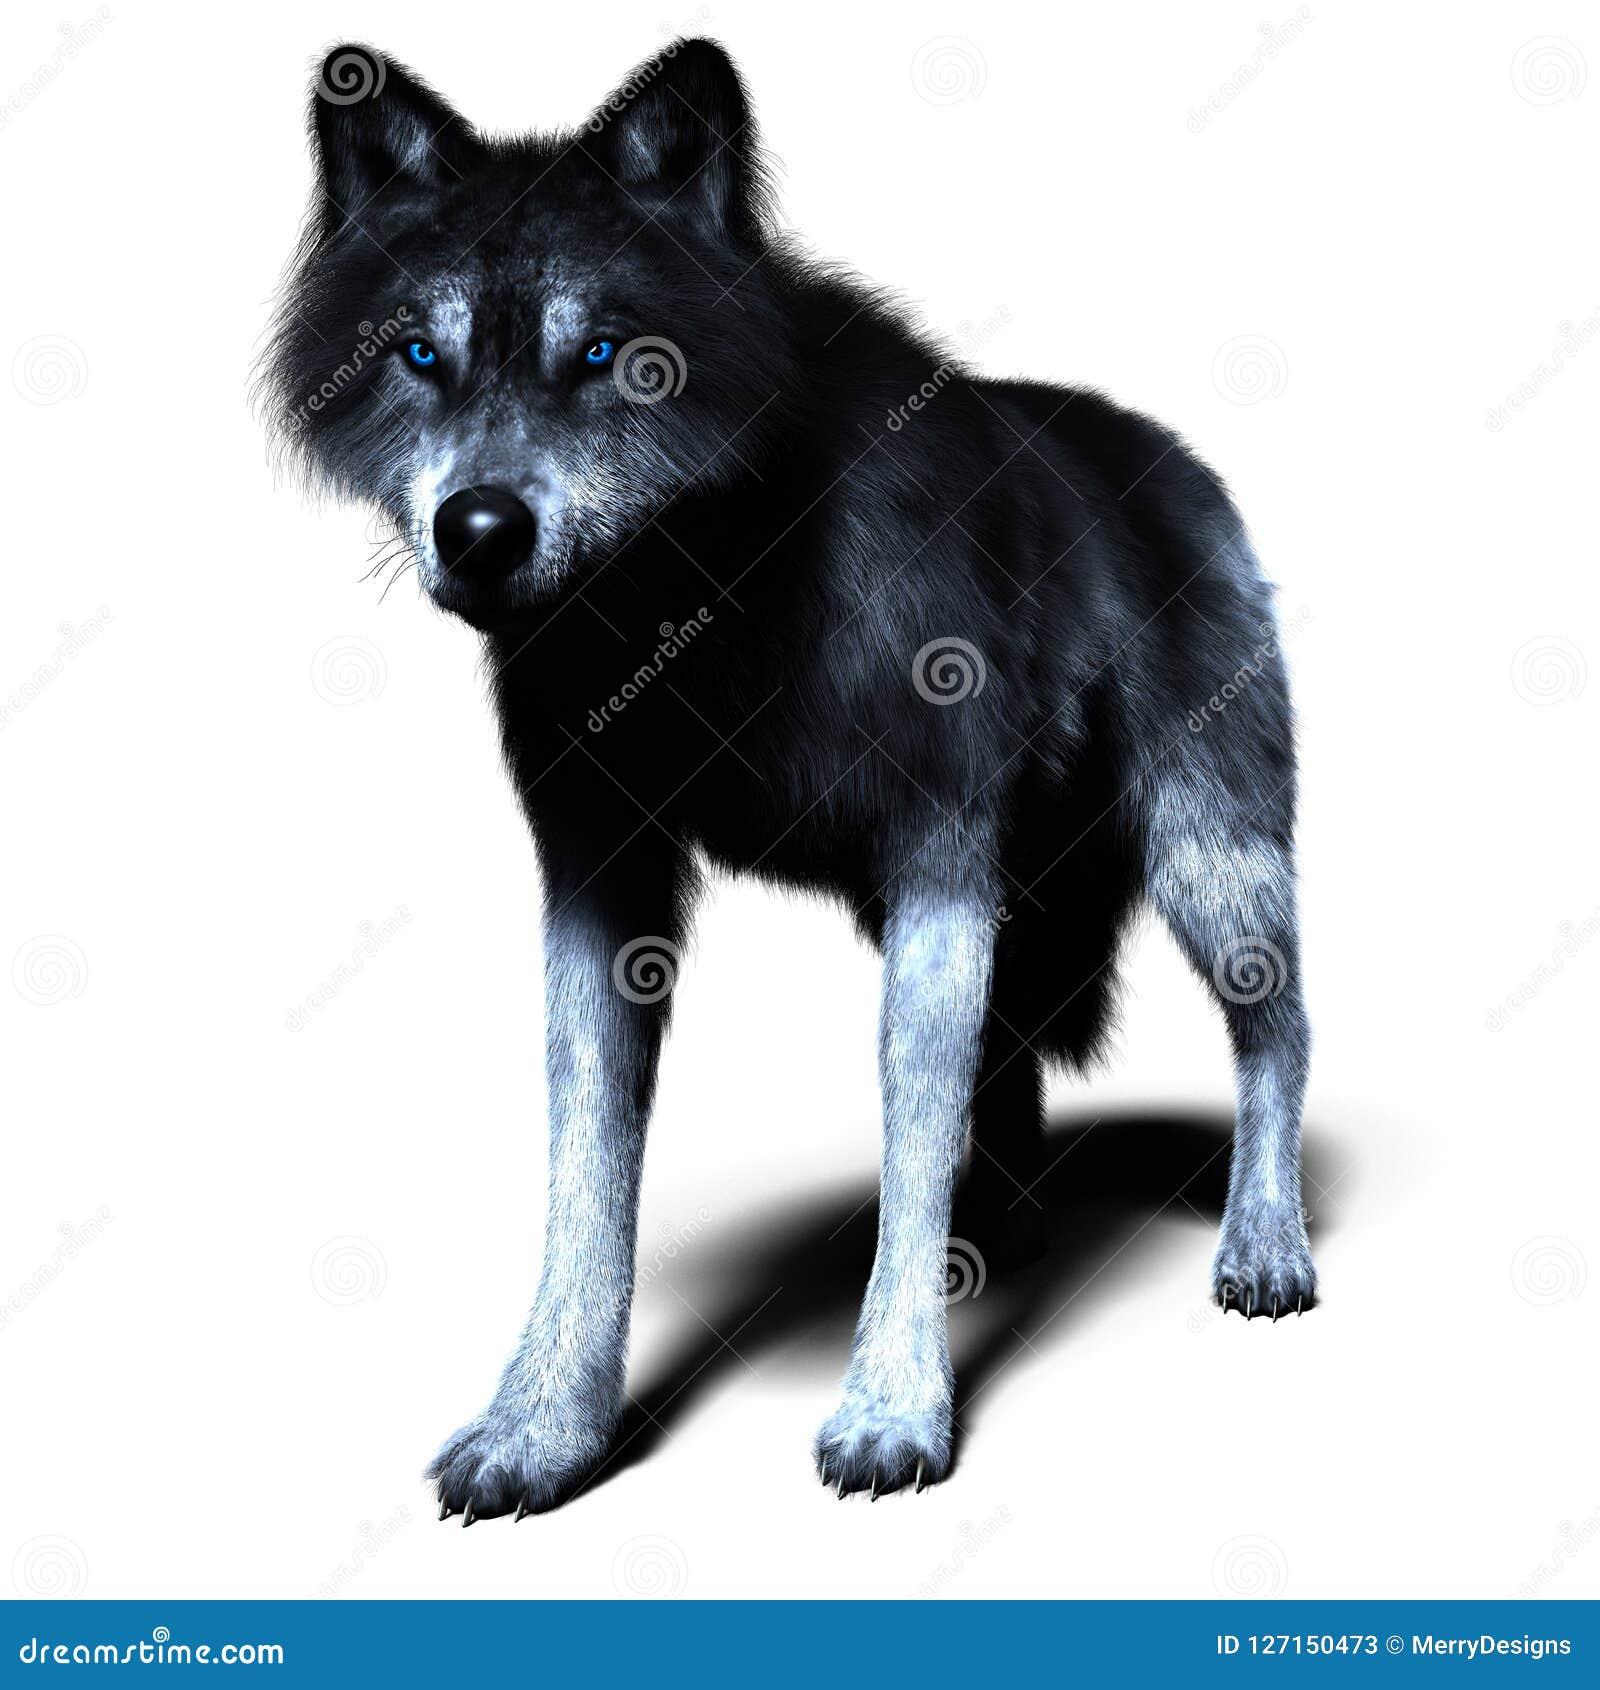 Loup 3d Dans La Pose Debout Illustration Stock Illustration Du Dans Loup 127150473